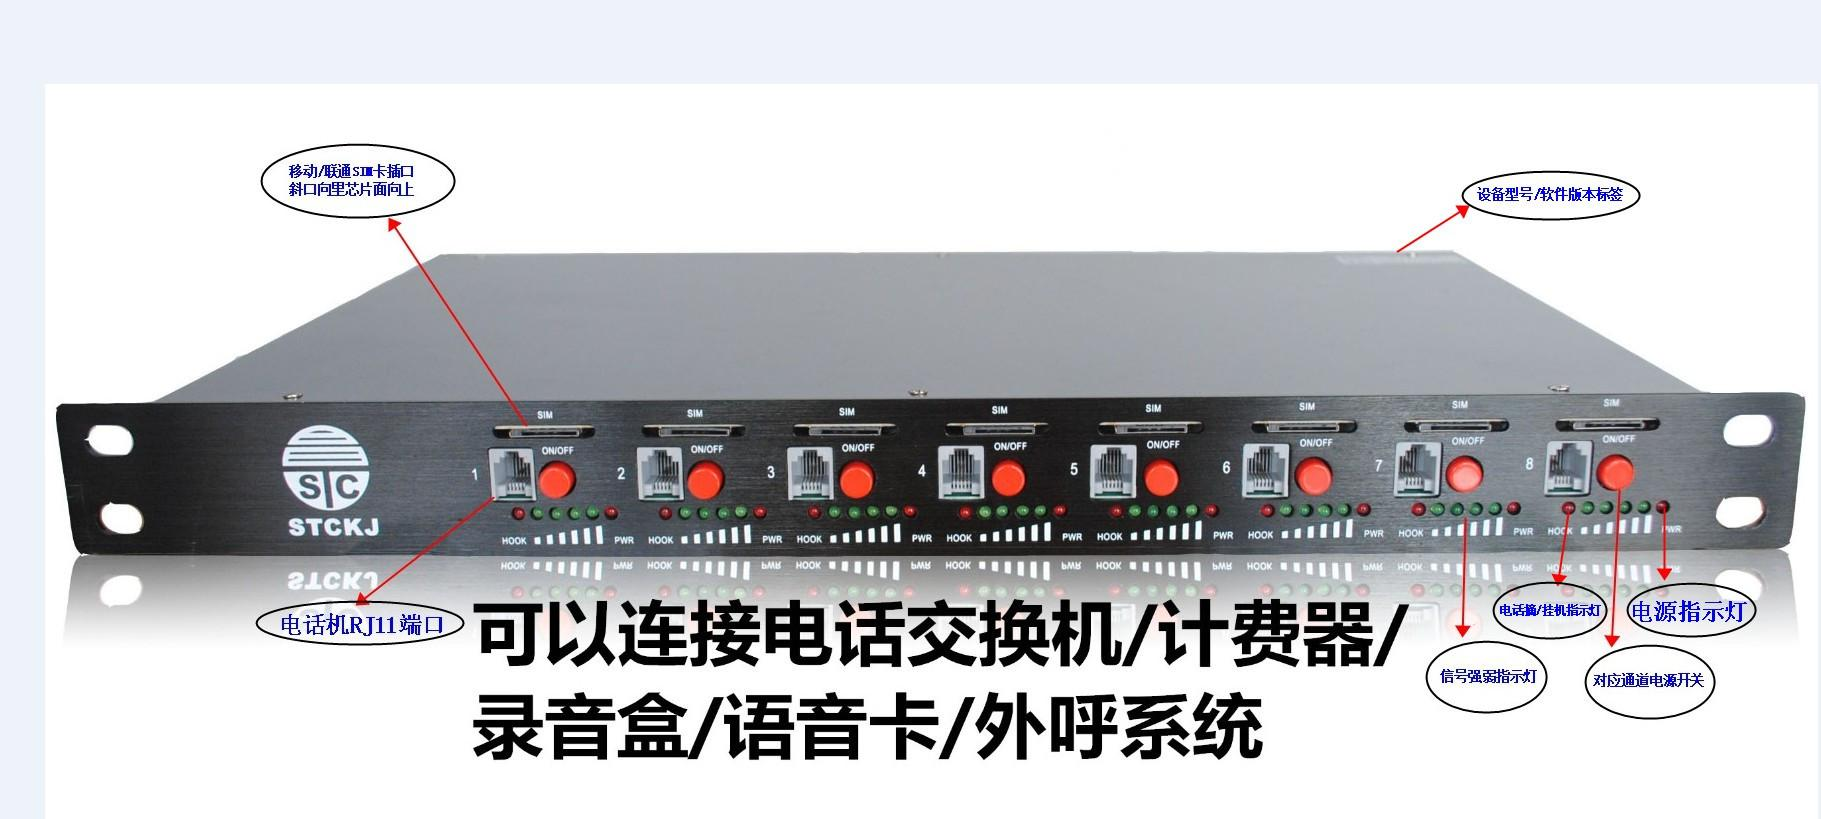 顺天昌黑色铝合金面板八路GSM无线固话 2